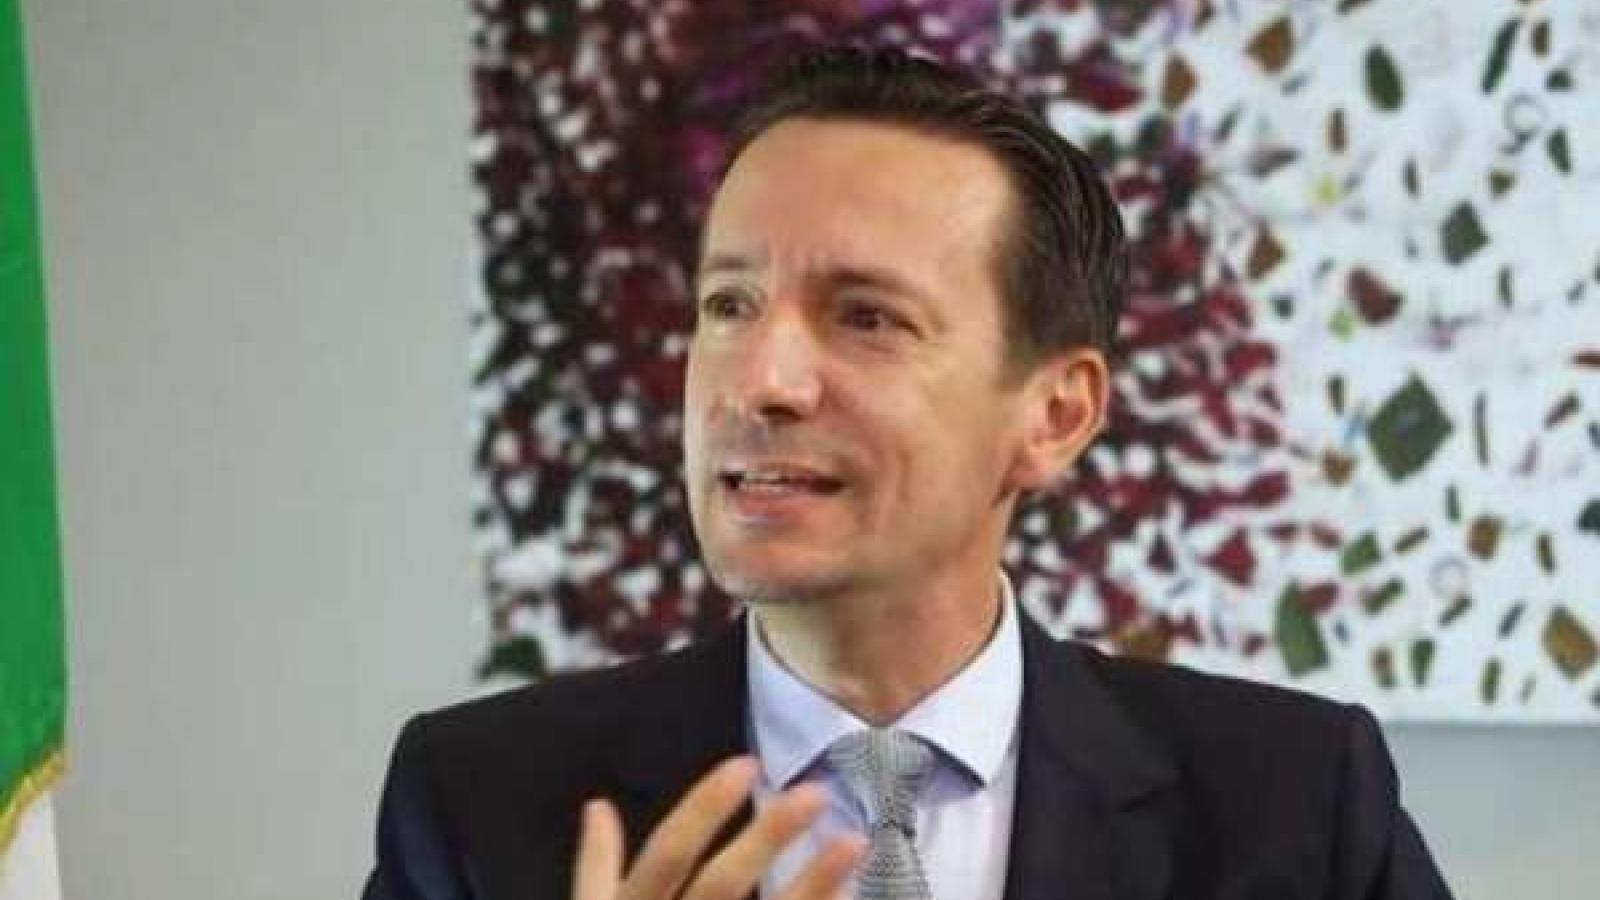 Đại sứ Italia tại Cộng hòa Dân chủ Congo bị sát hại